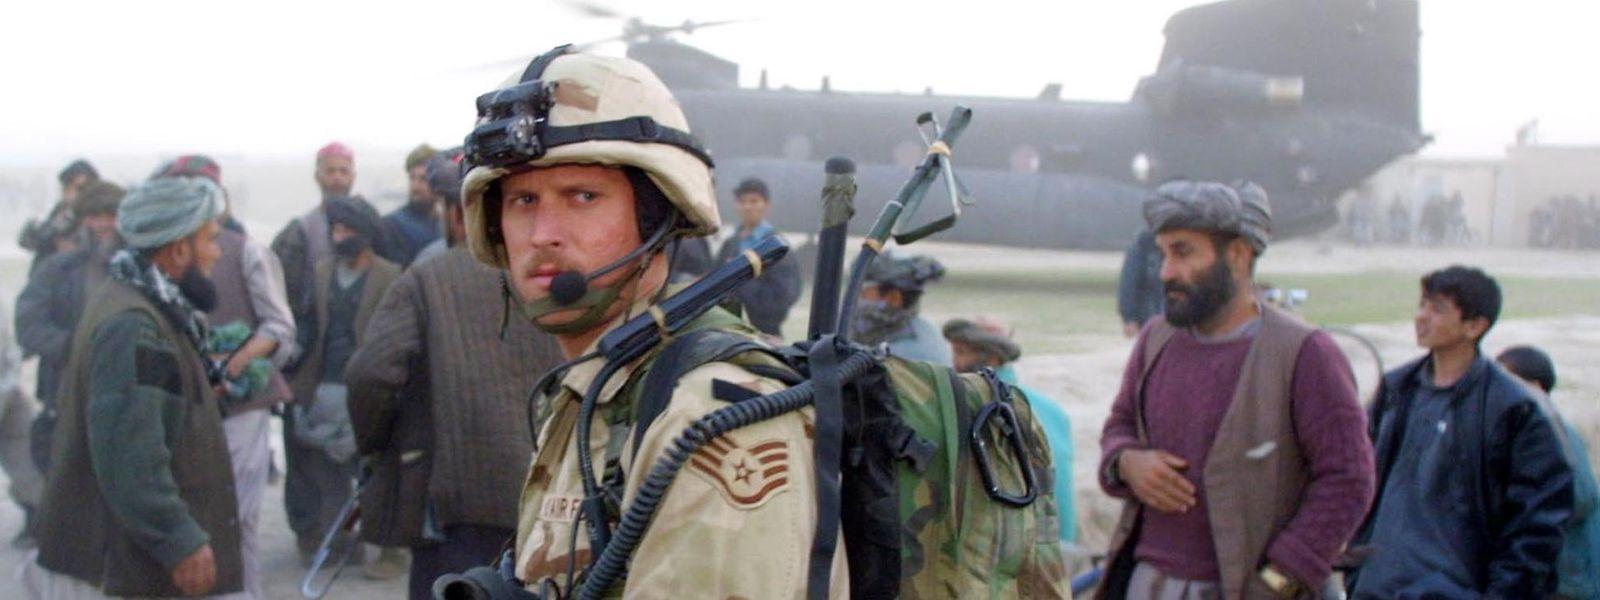 Als Reaktion auf die 9/11-Terroranschläge griffen die USA gemeinsam mit ihren Verbündeten Afghanistan am 7. Oktober 2001 an.